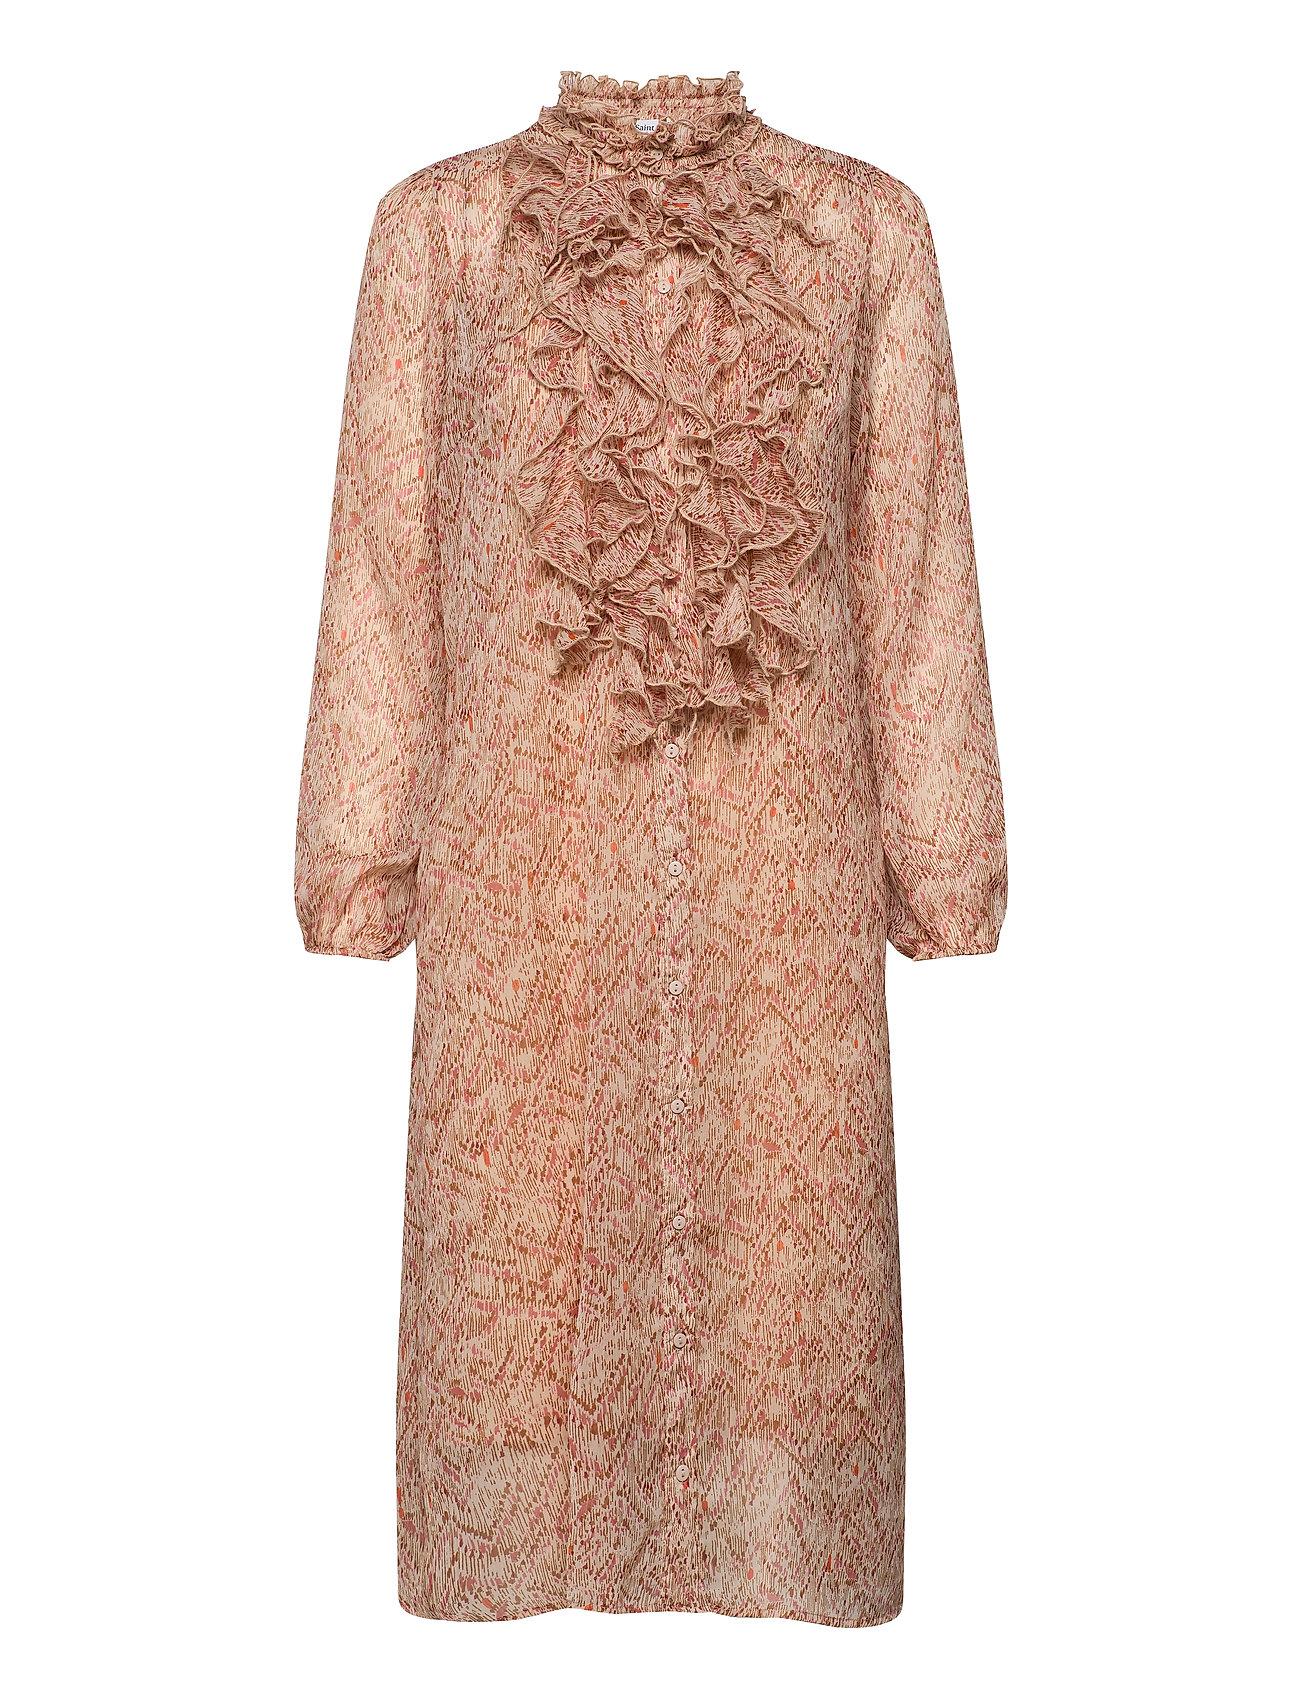 XenyaSZ Lilly Dress